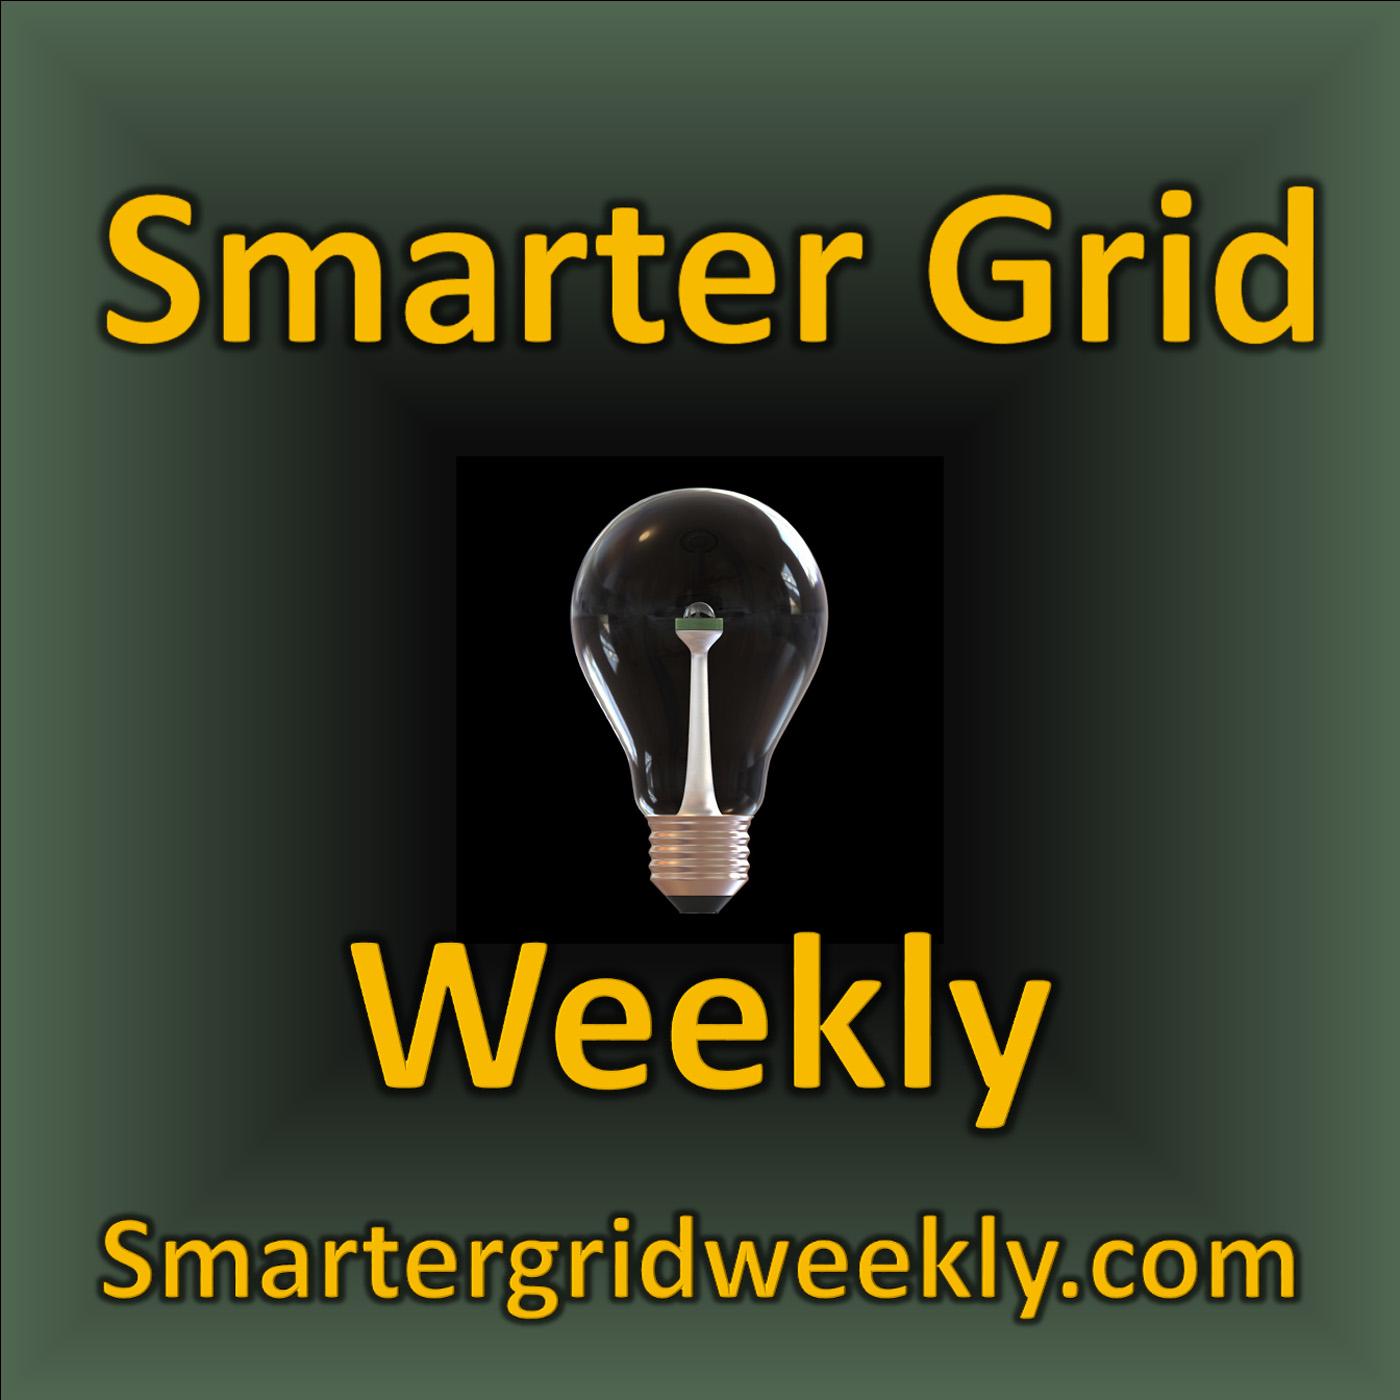 Smarter Grid Weekly